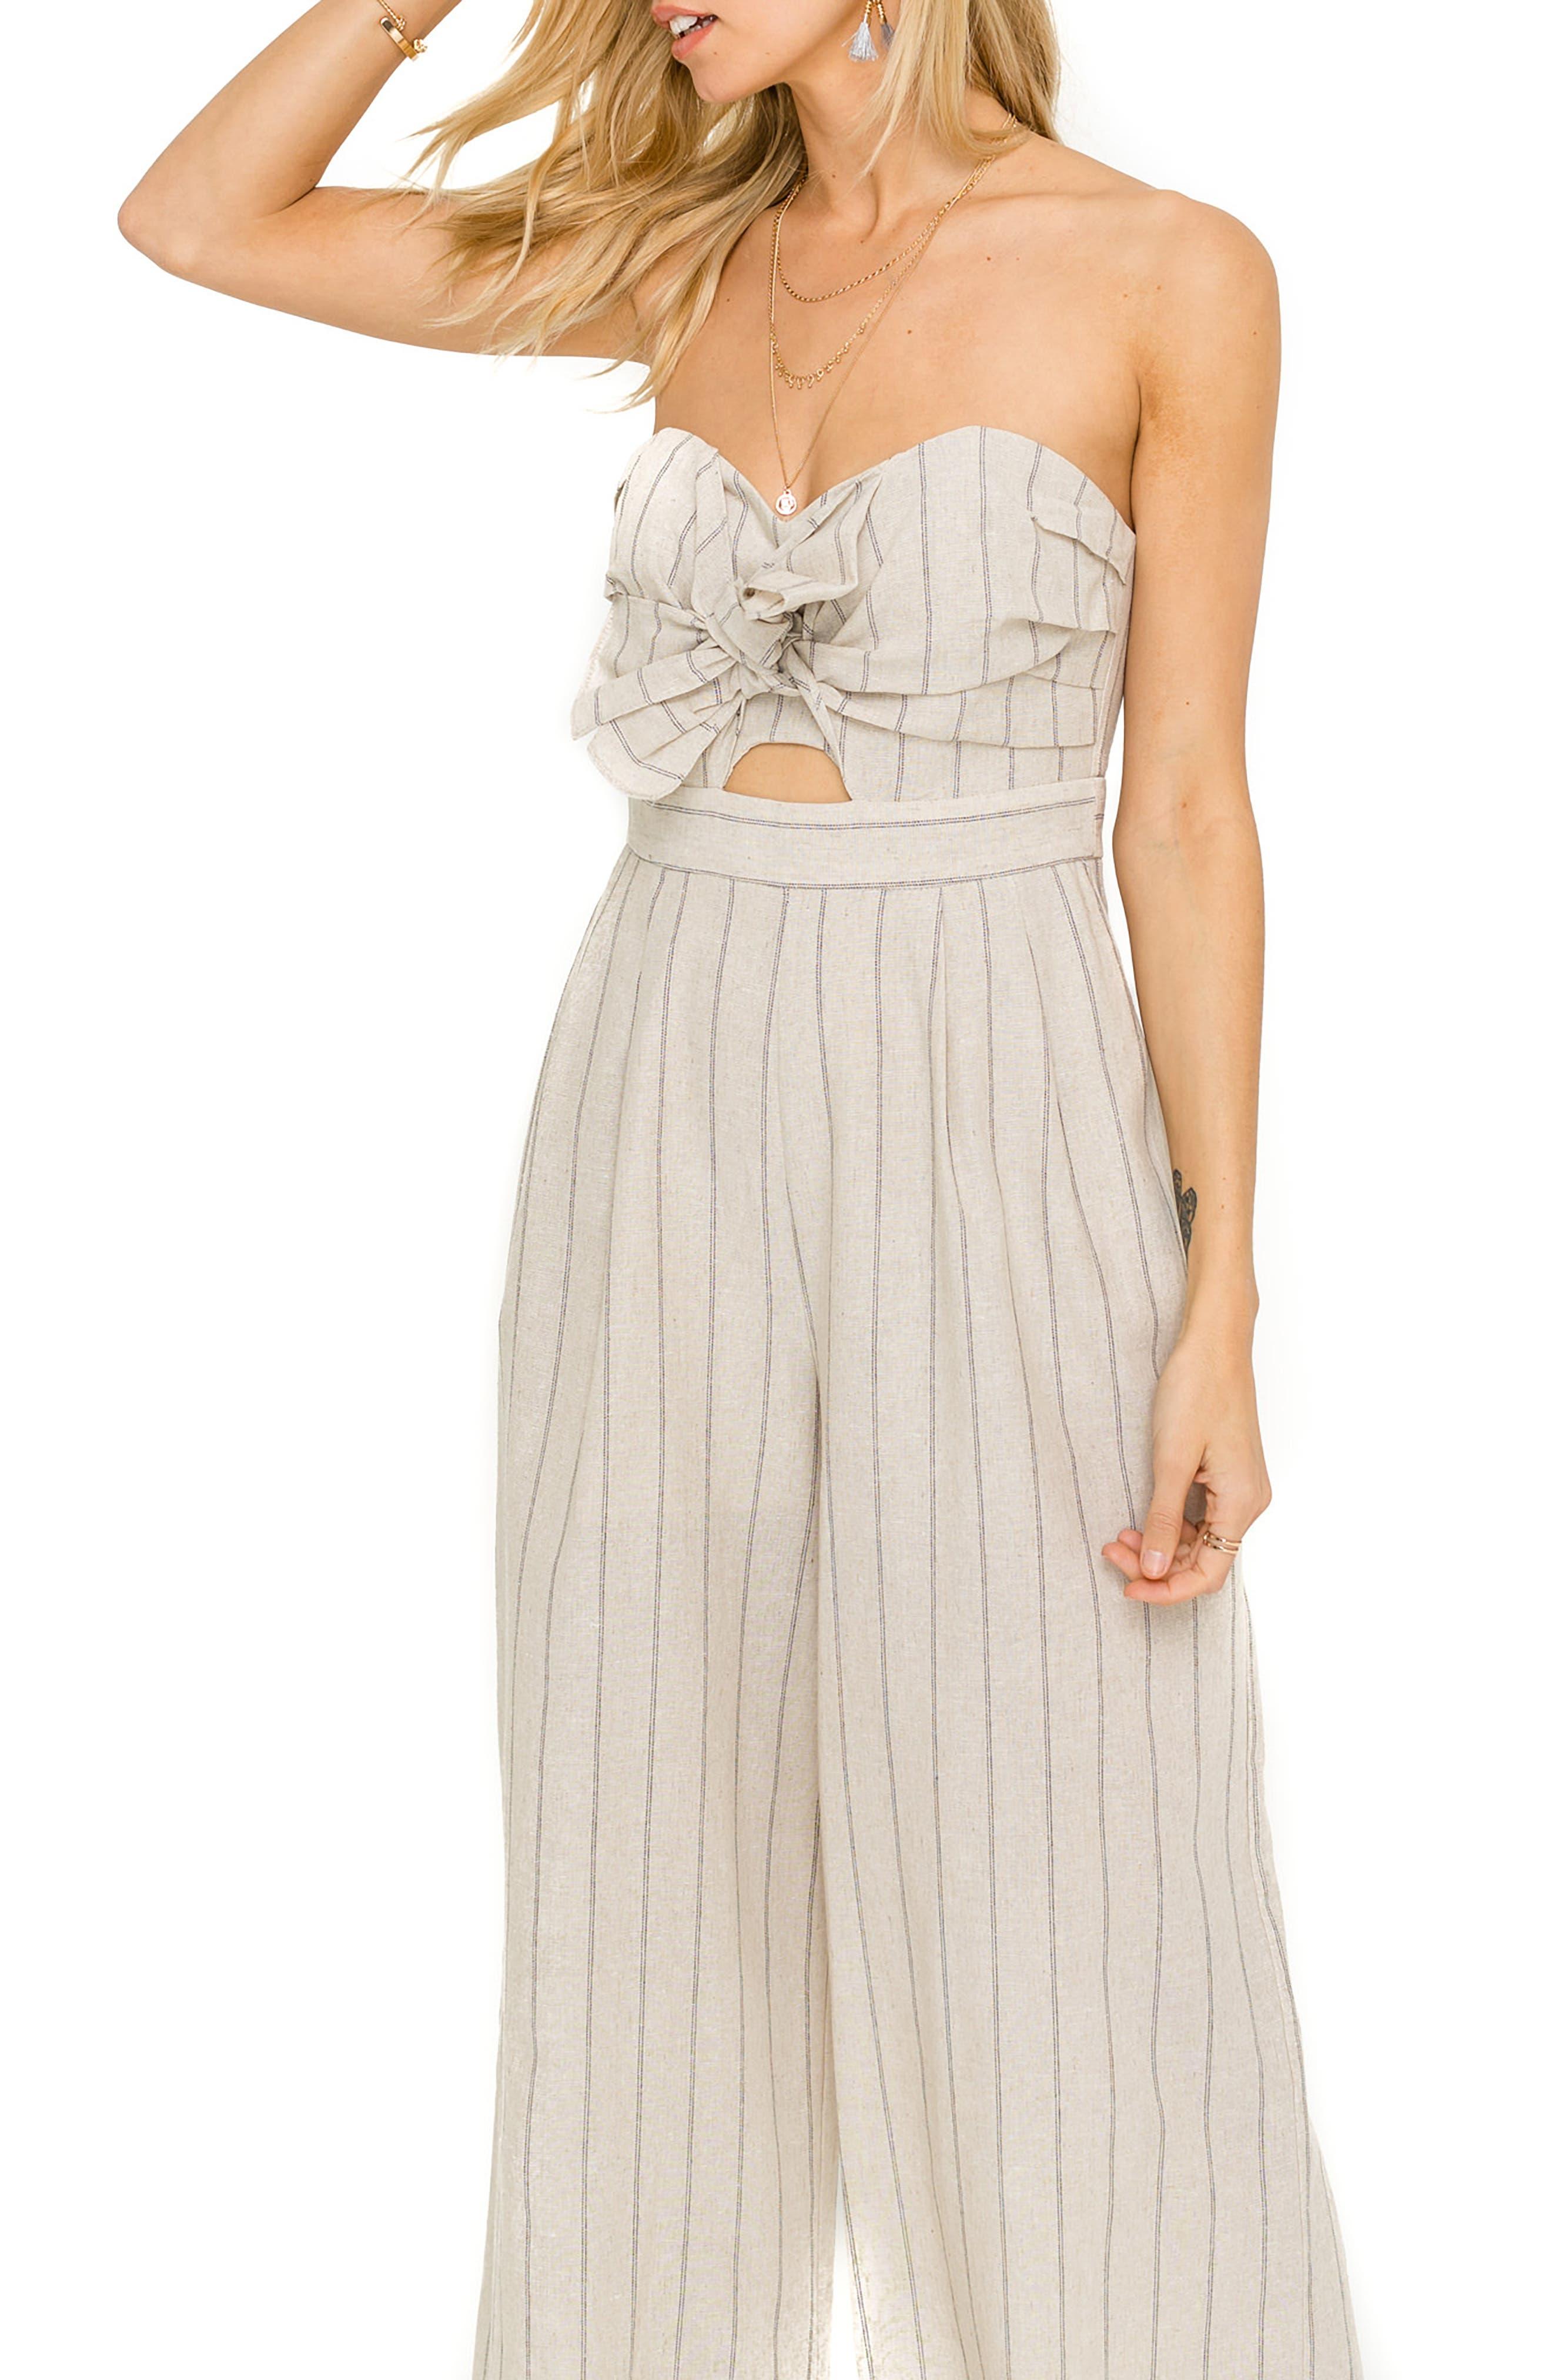 ASTR THE LABEL, Mara Strapless Cotton & Linen Jumpsuit, Alternate thumbnail 4, color, NATURAL/ BLACK STRIPE